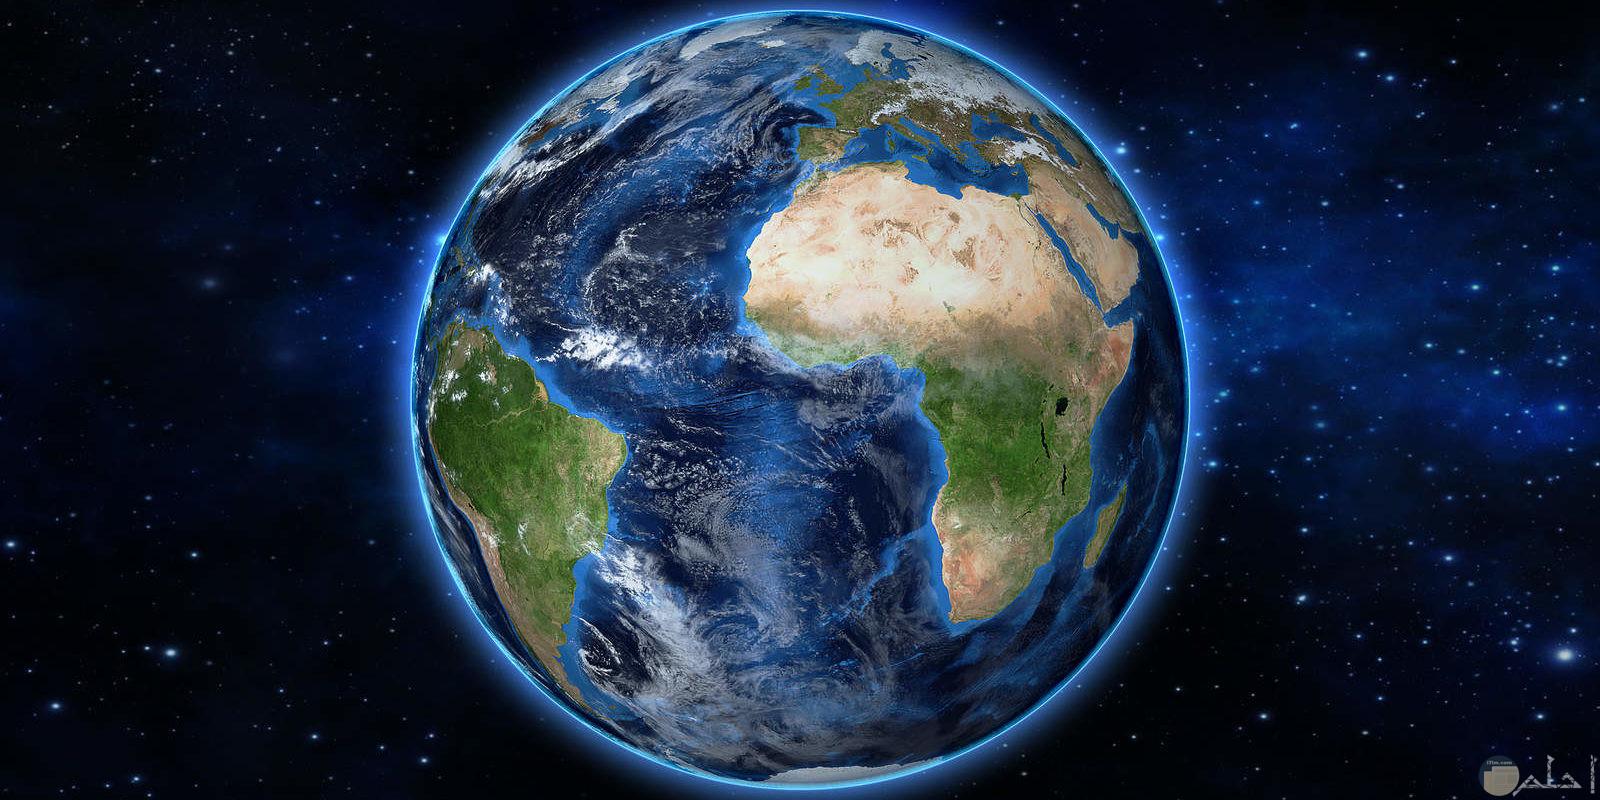 صورة كاملة لكوكب الارض يظهر فيها اليابس والمسطحات المائية بشكل واضح وجميل